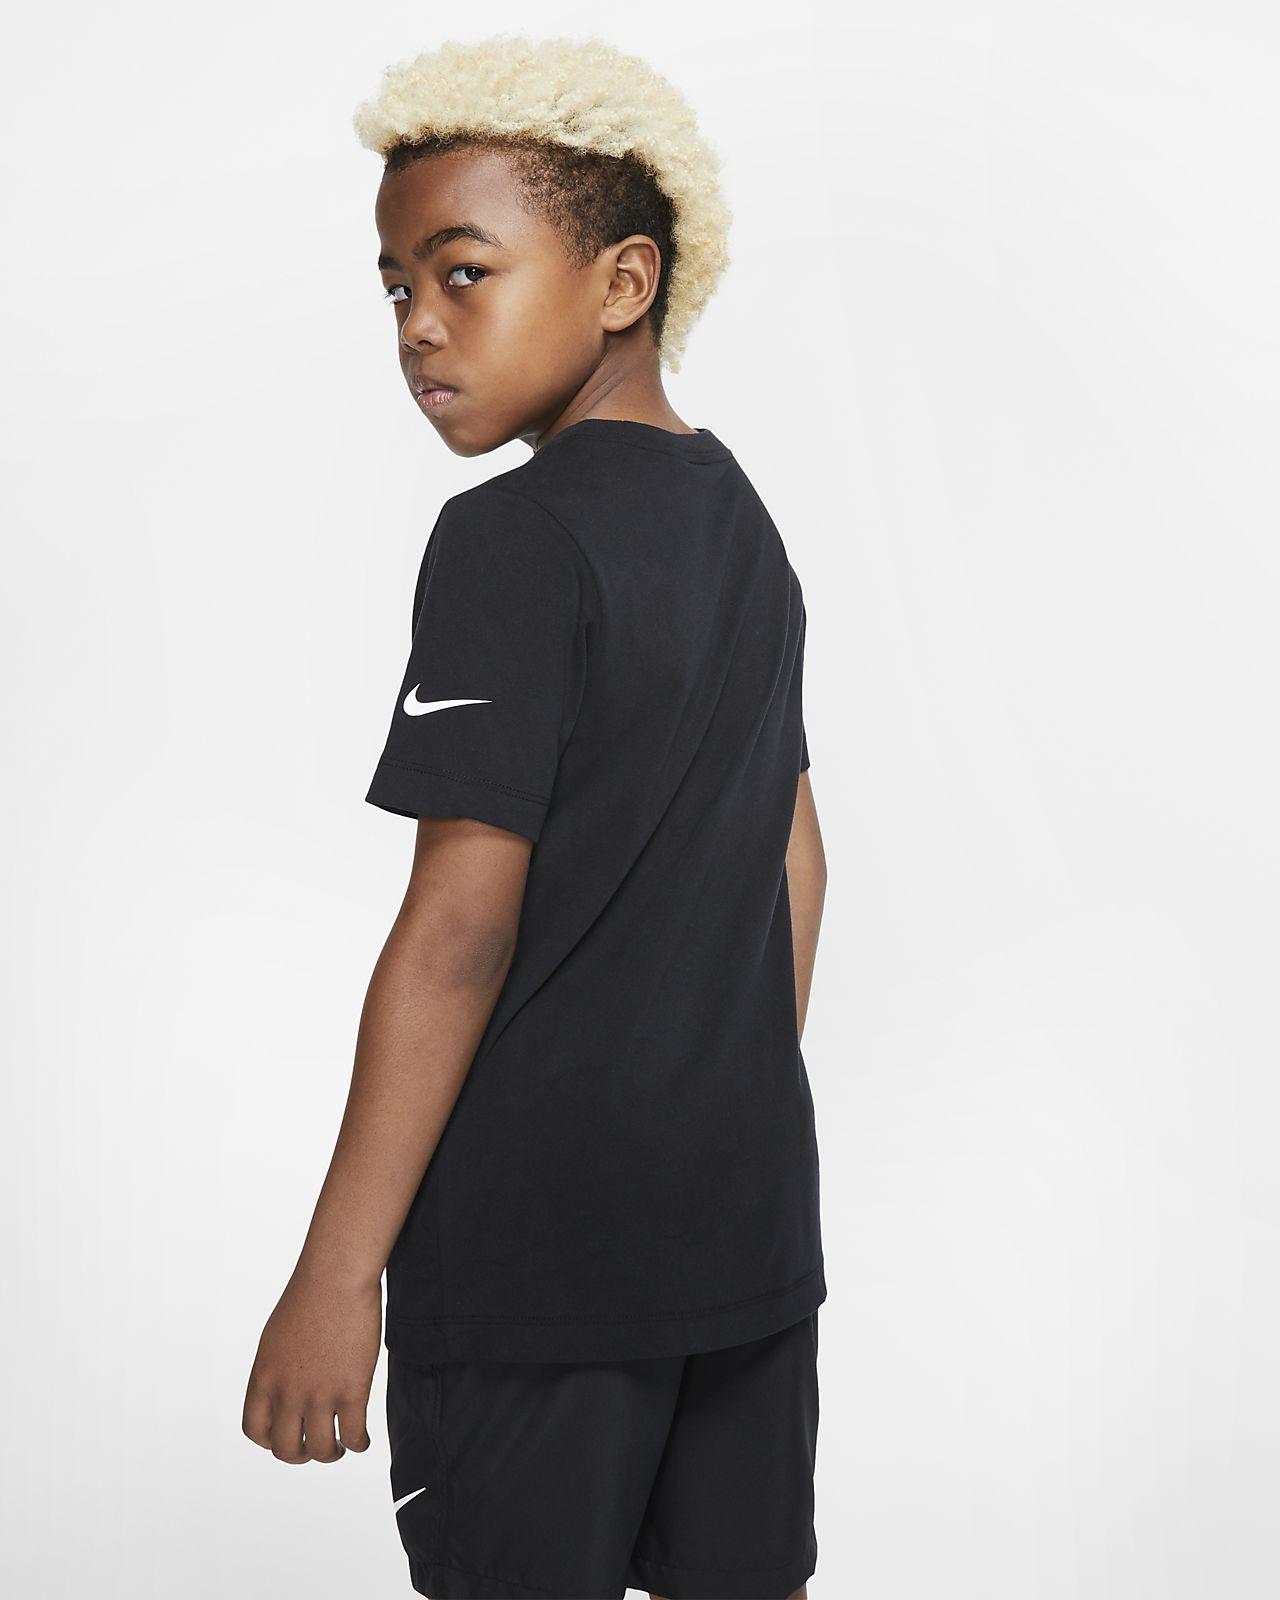 6025b4c7d Nike Dri-FIT Mercurial Older Kids' Football T-Shirt. Nike.com GB